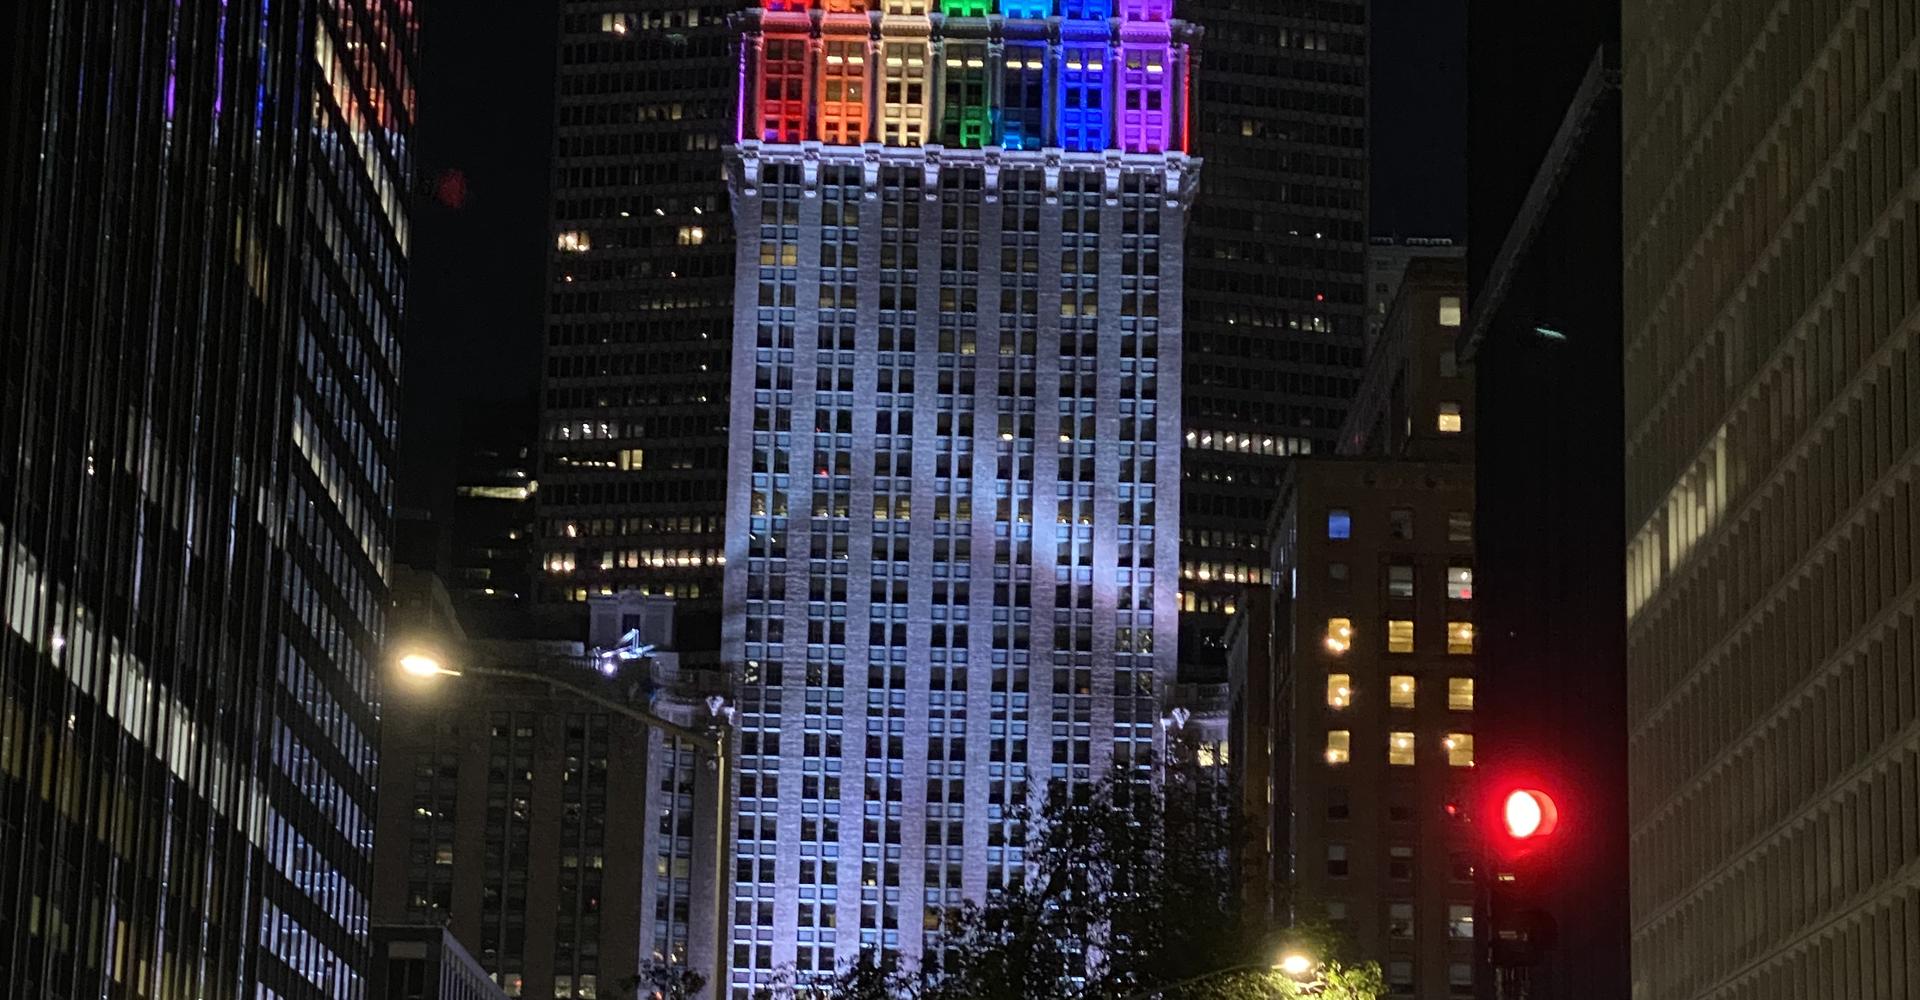 Grand Central Pride